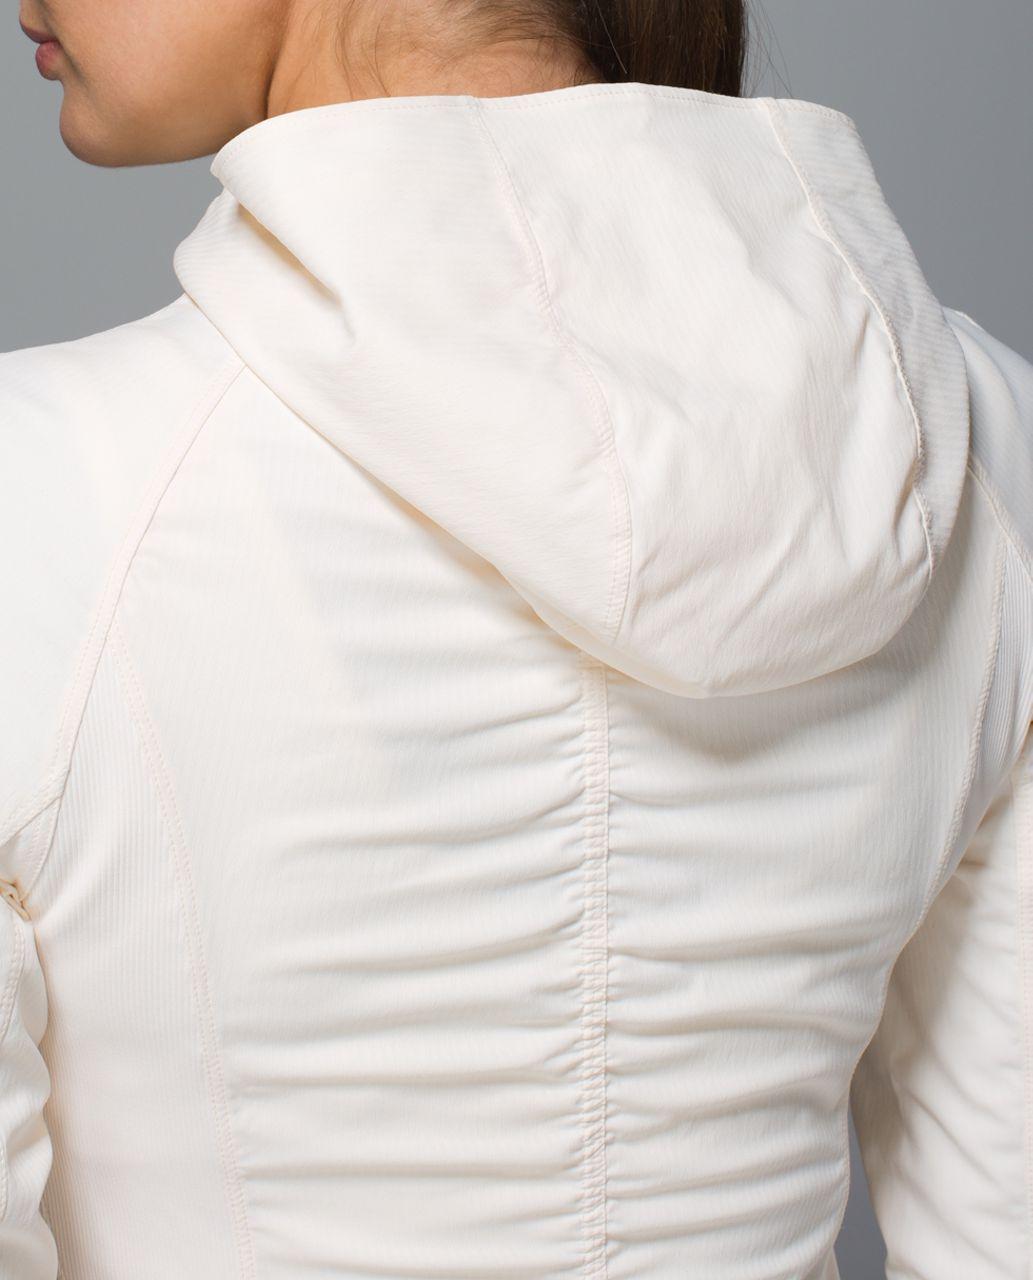 Lululemon In Flux Jacket - Angel Wing